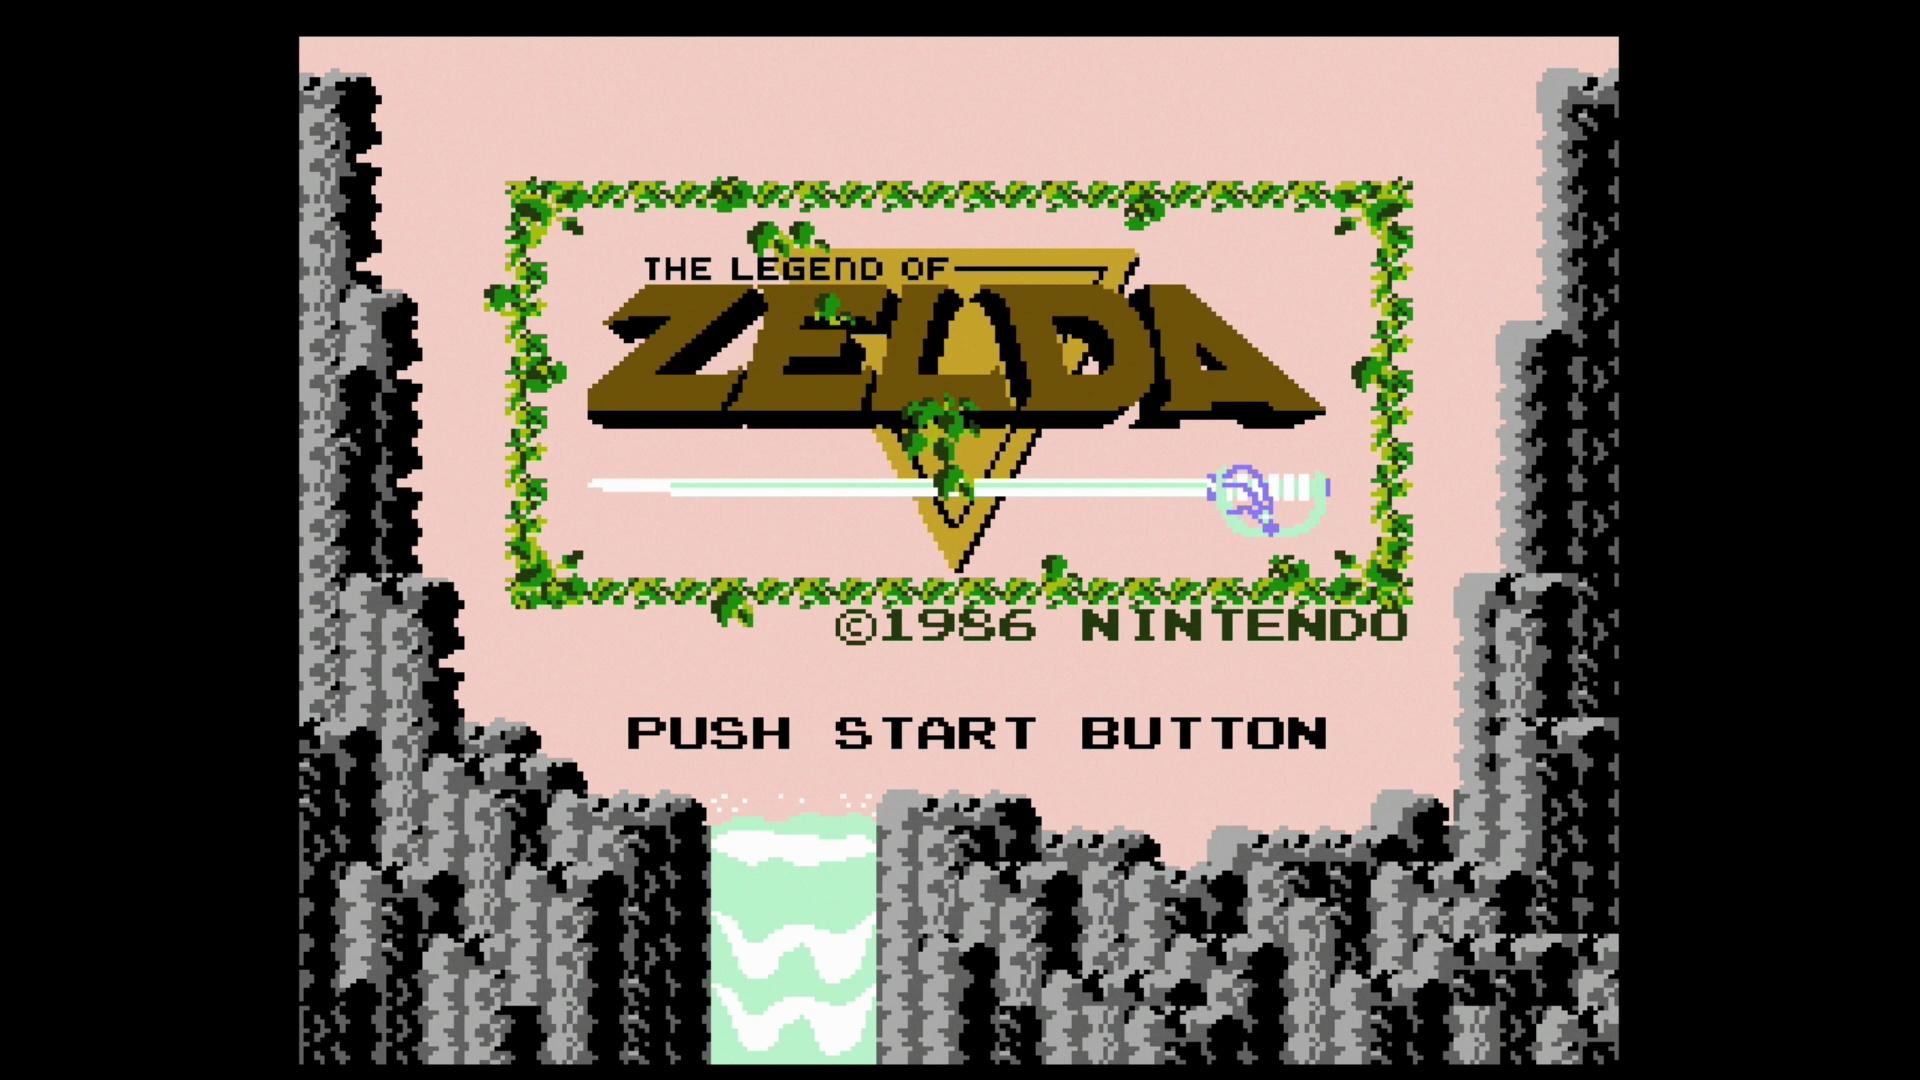 The Legend of Zelda: Das Vorbild für alle Action-Adventures - Schlicht, aber effektiv: Der Titelbildschirm von The Legend of Zelda kann sich immer noch sehen lassen. (Bild: Medienagentur plassma / Nintendo)